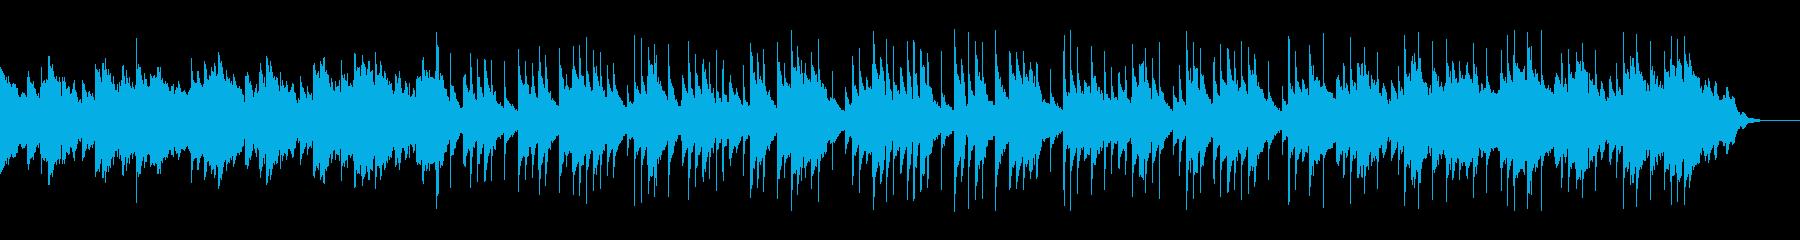 ゆったりとしたピアノとアコギ、カホンの再生済みの波形